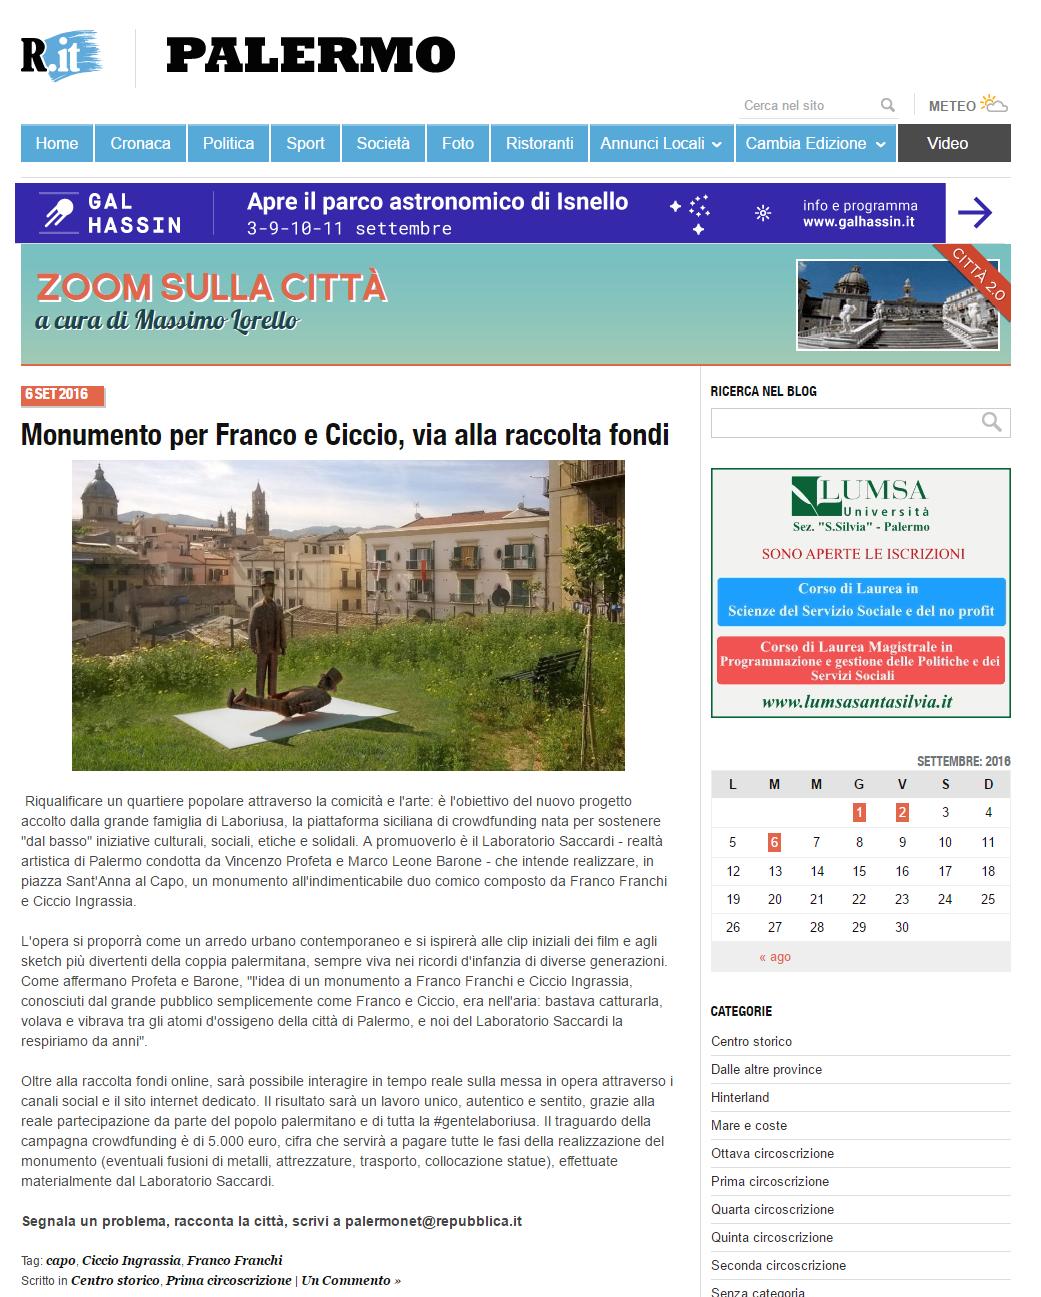 Zoom sulla città   Blog   Palermo   Repubblica.it